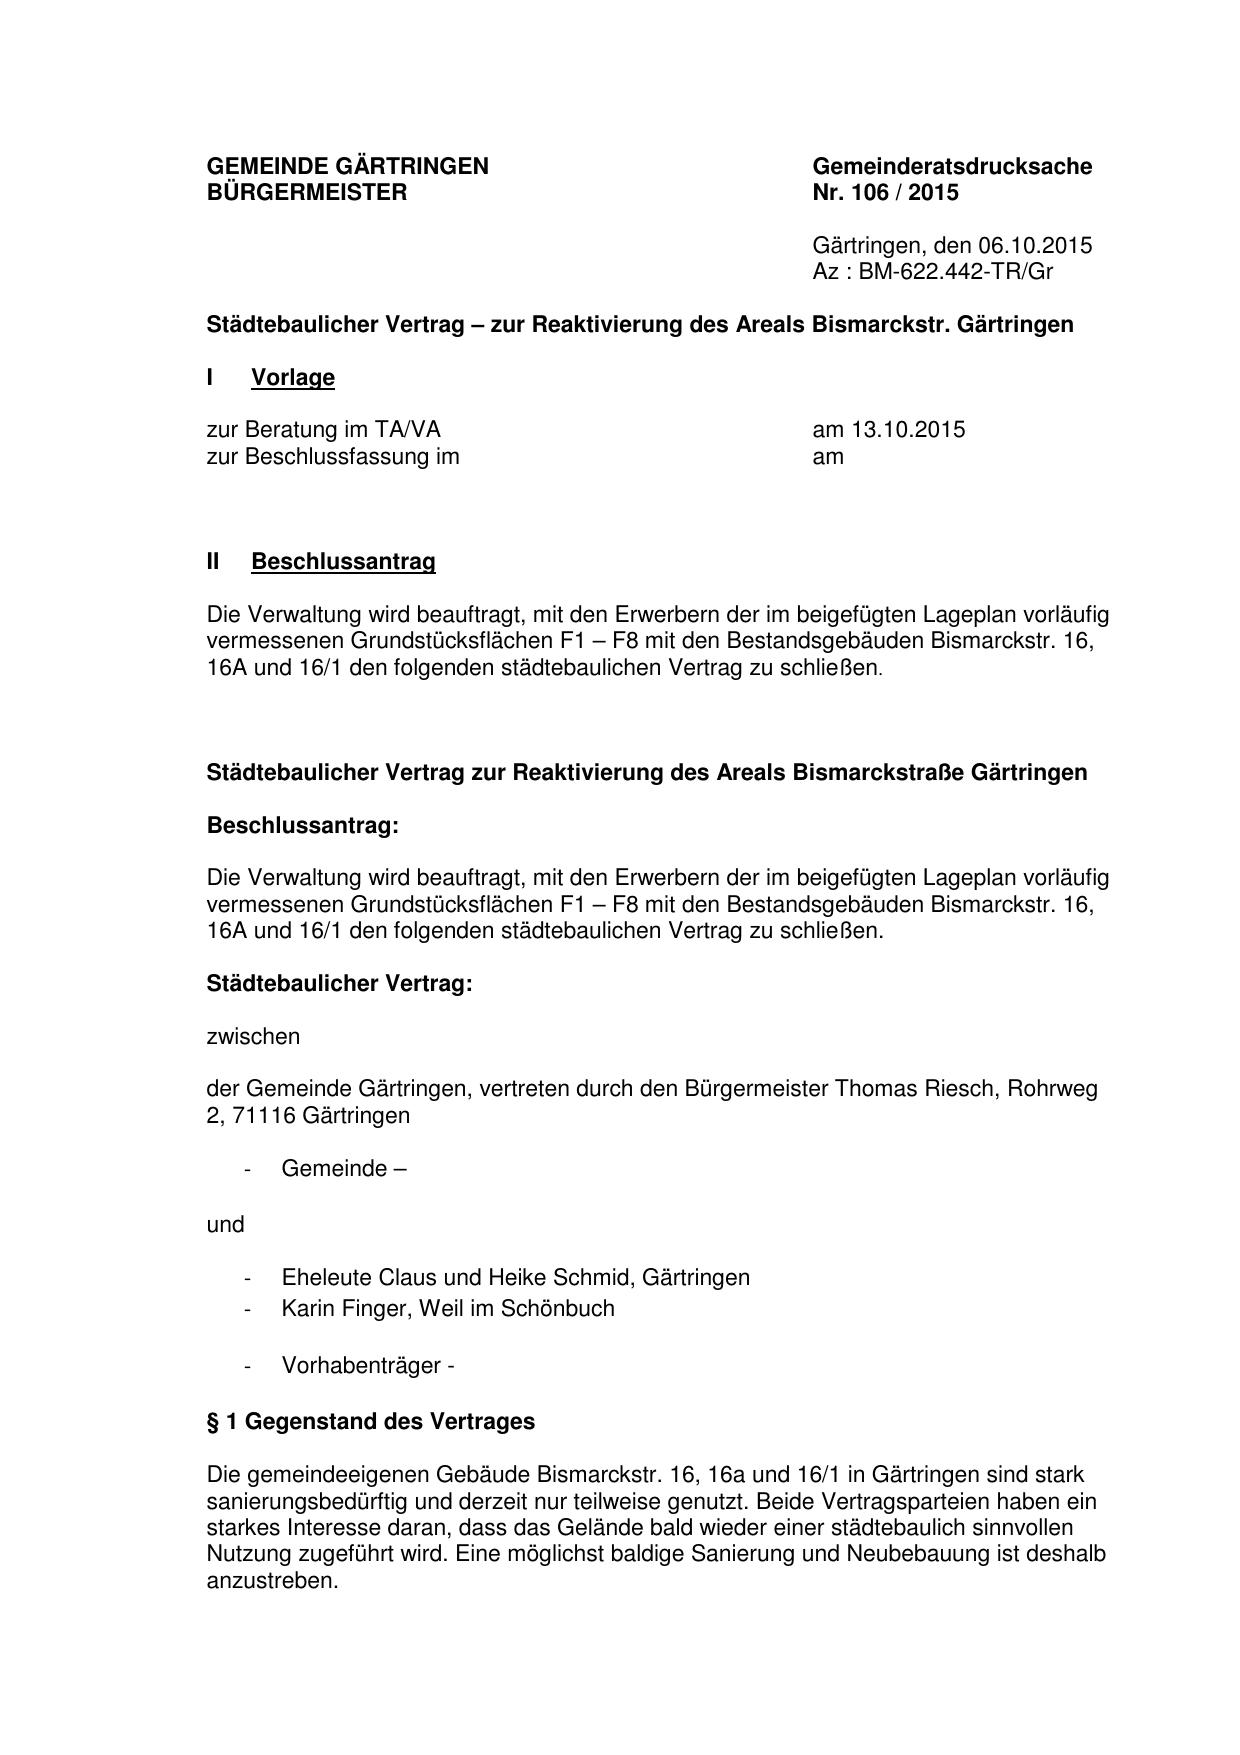 Gemeinde Gartringen Burgermeister